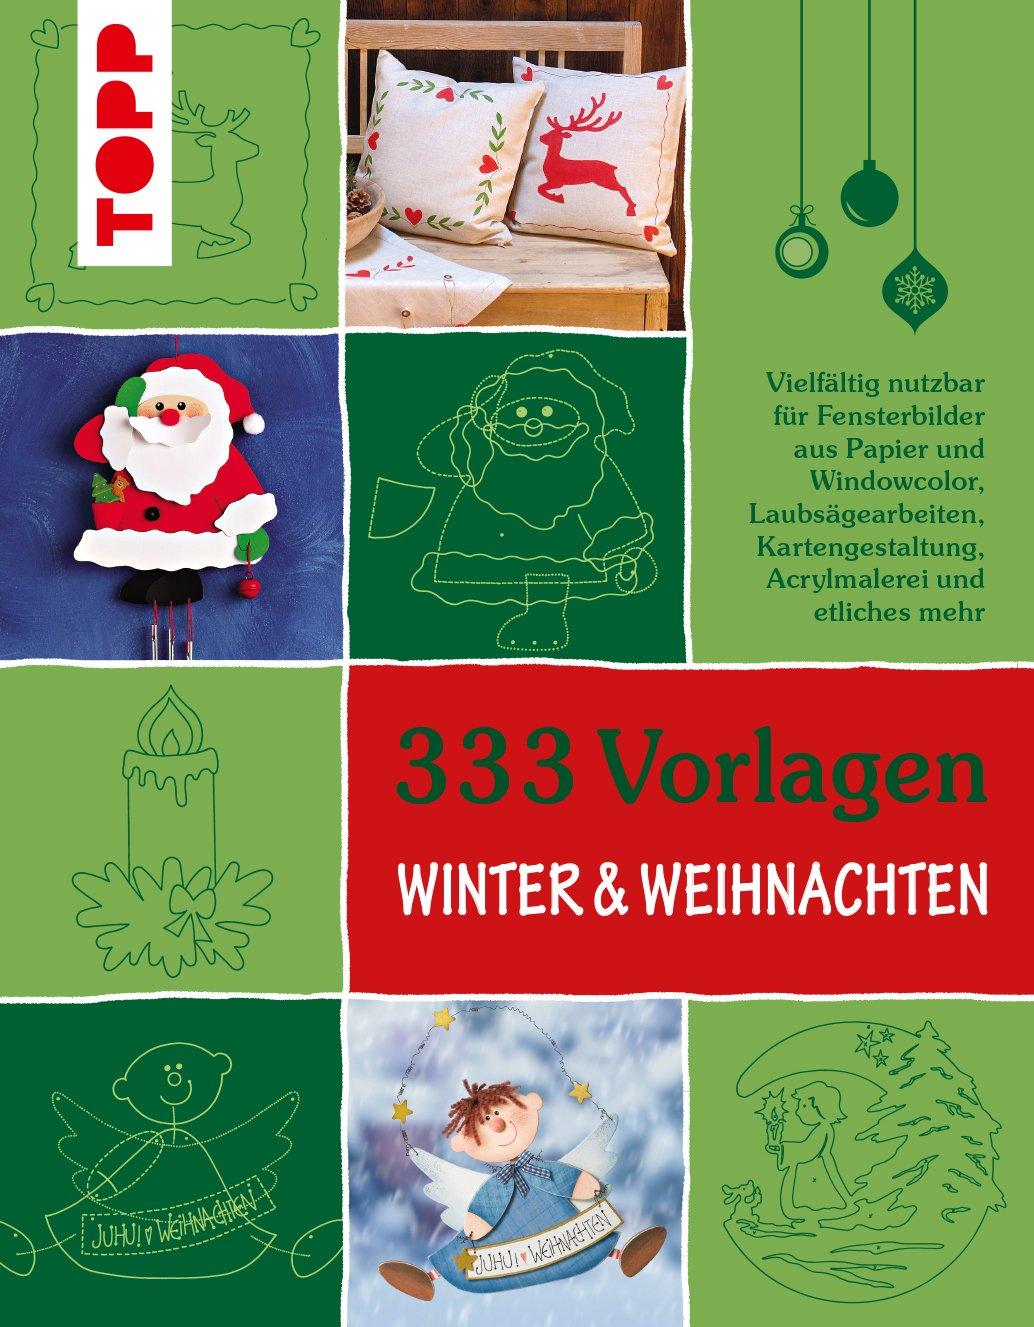 19 Vorlagen - Winter & Weihnachten : vielfältig nutzbar